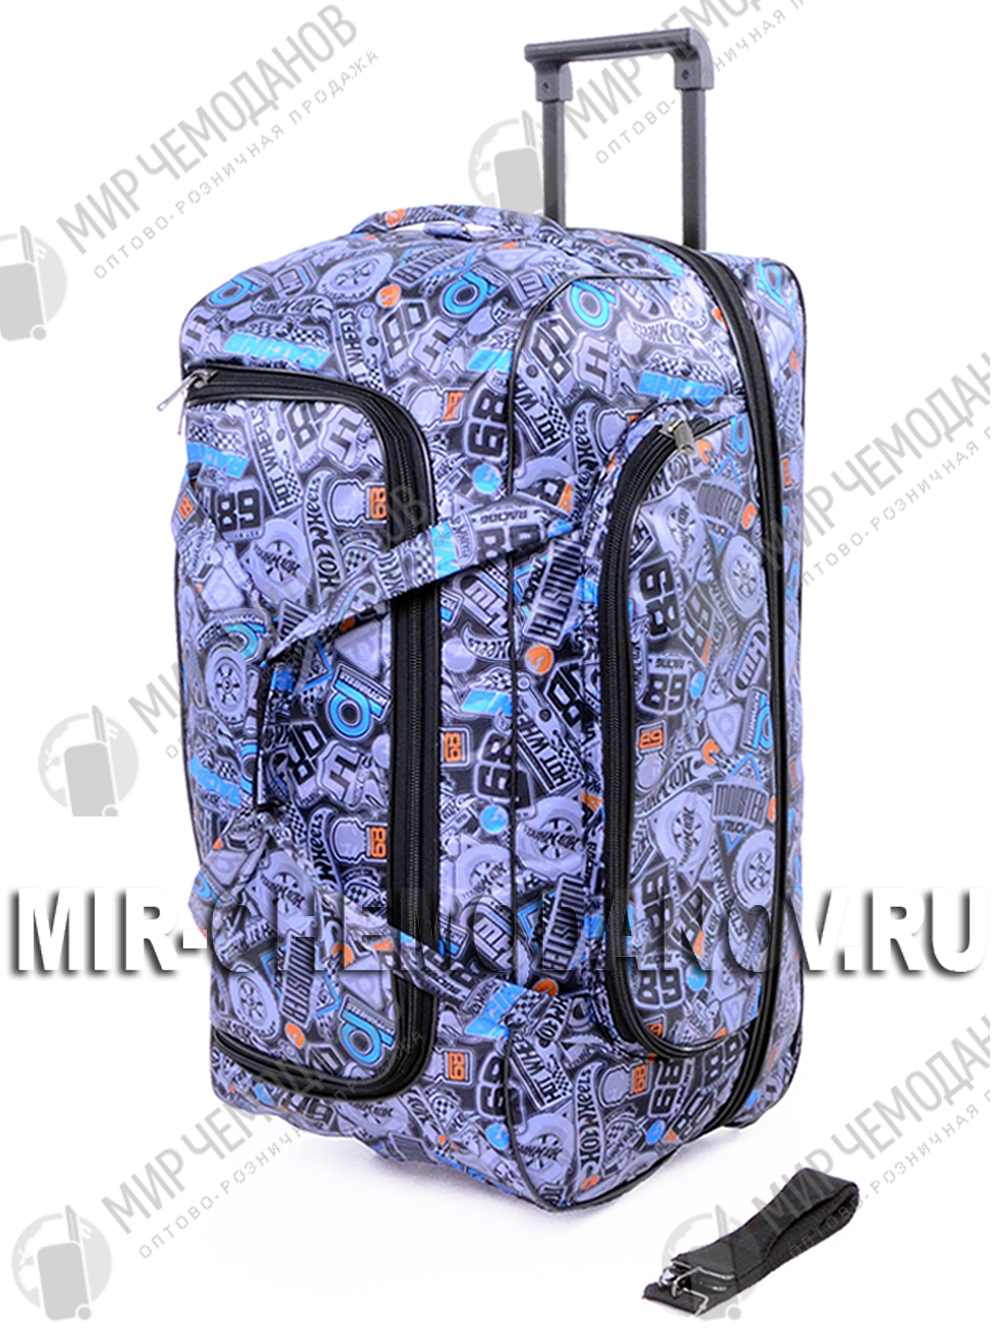 Сбор заказов. Рюкзаки для малышей и подростков, а также планшеты и детские чемоданы. Огромный выбор на любой цвет и вкус-11